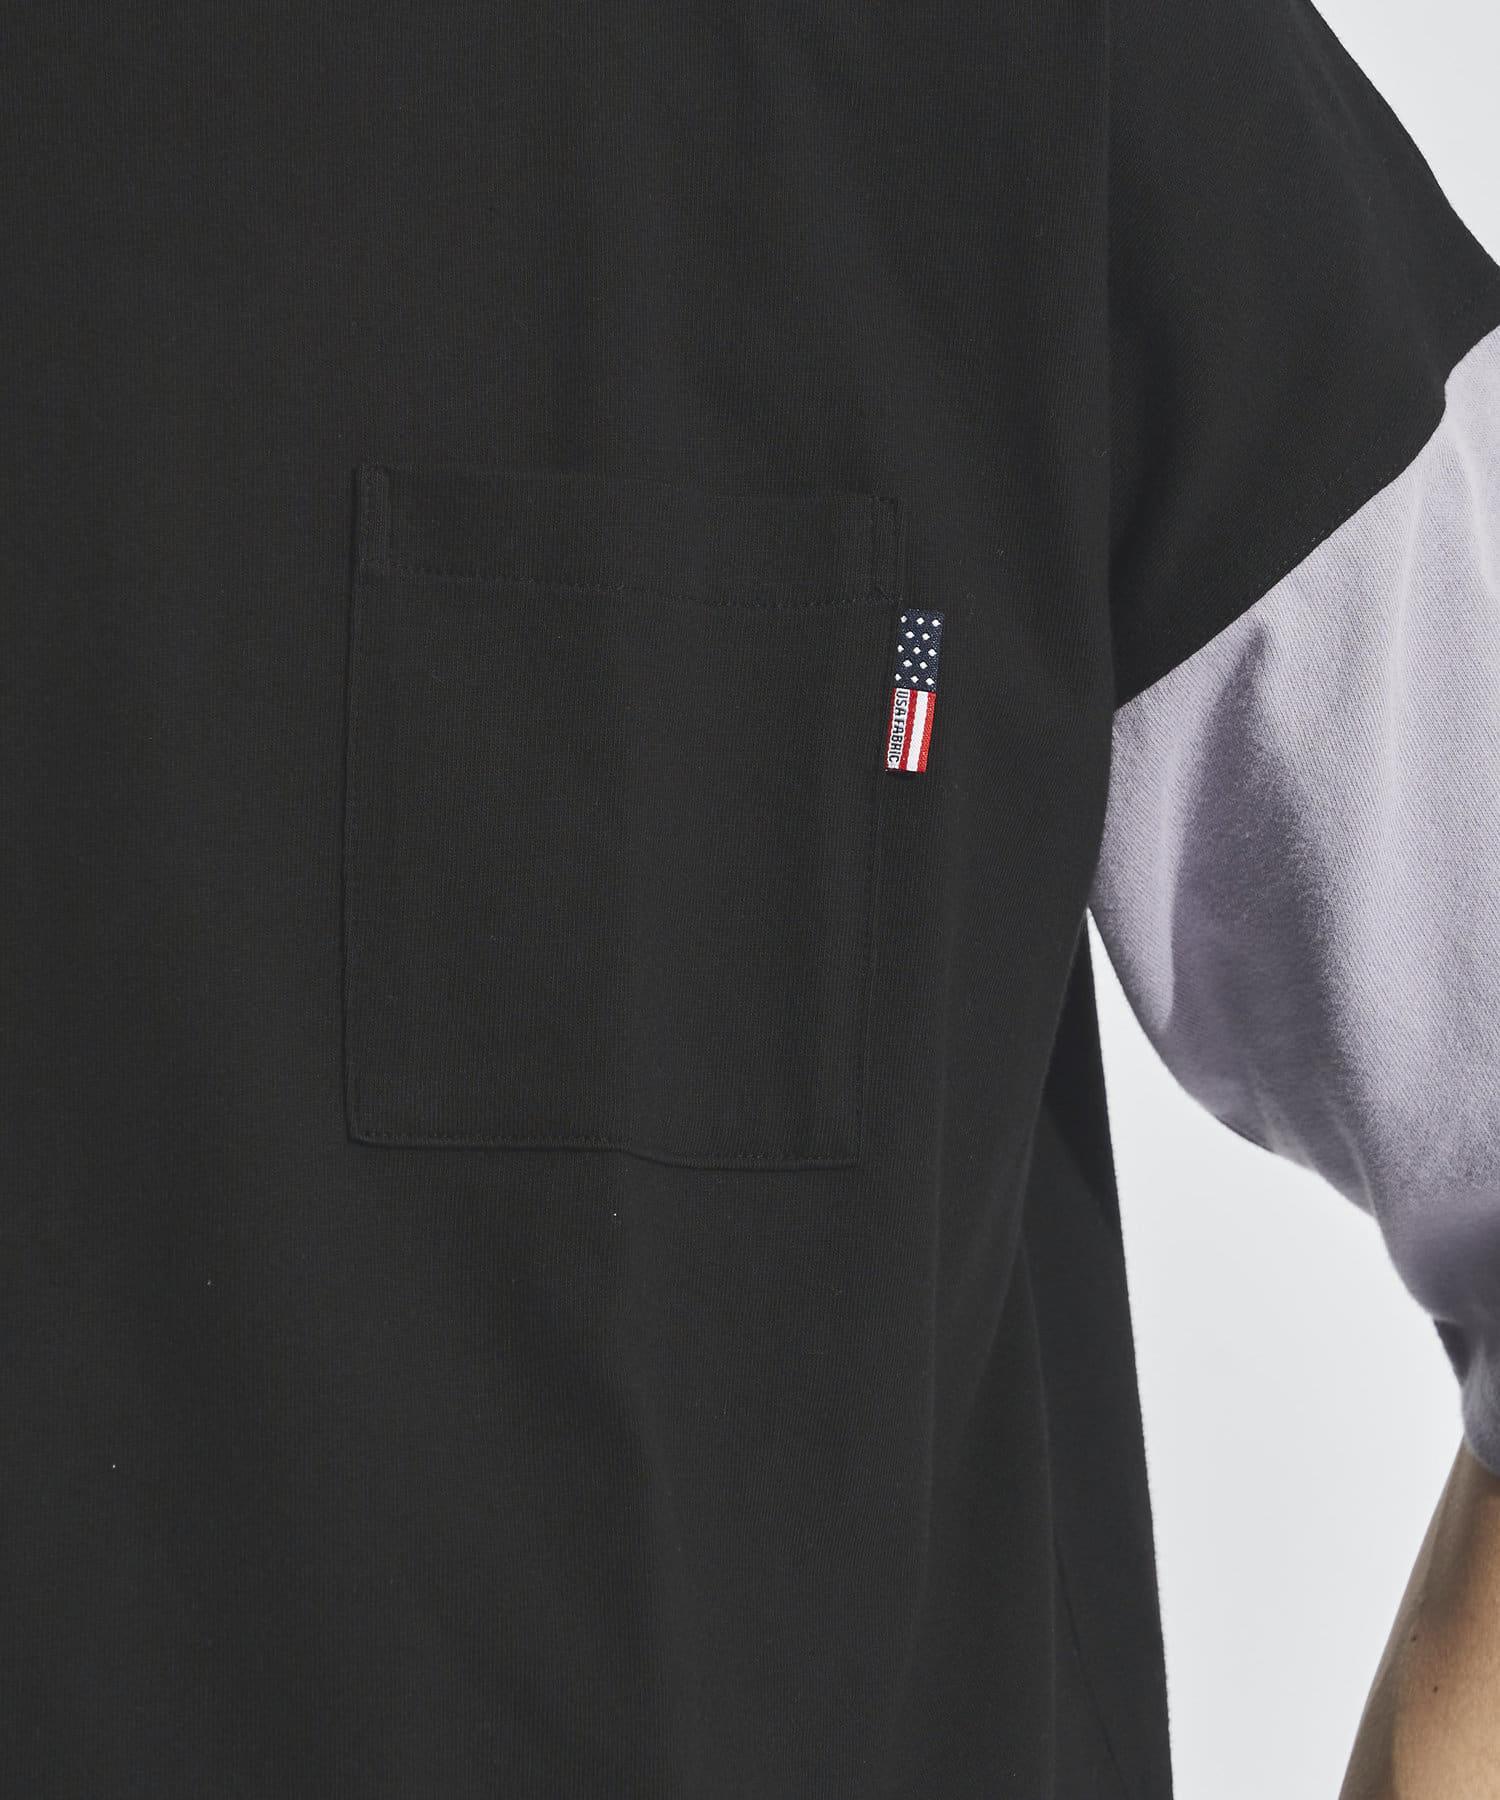 CPCM(シーピーシーエム) 【定番人気商品】5分袖ドロップショルダー クレイジーパターン ビッグシルエットT